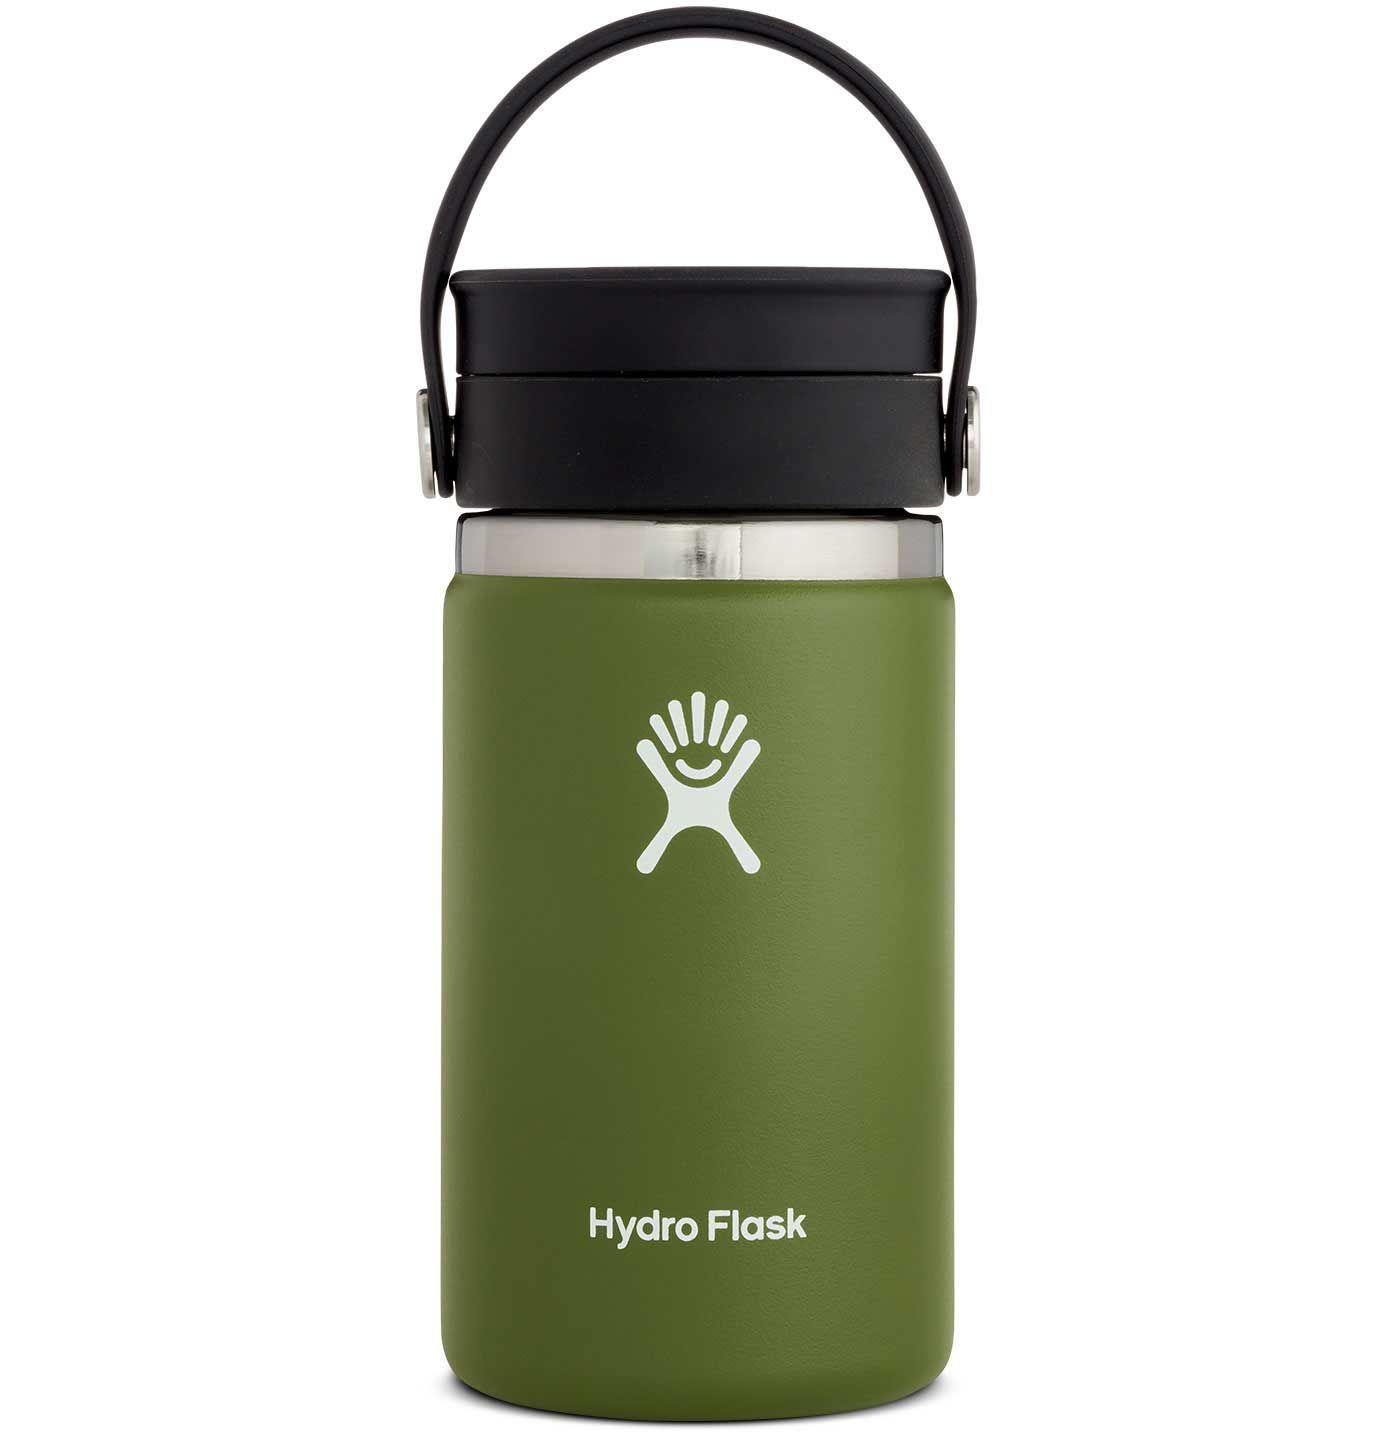 Hydro Flask Flex Sip 12 oz. Bottle